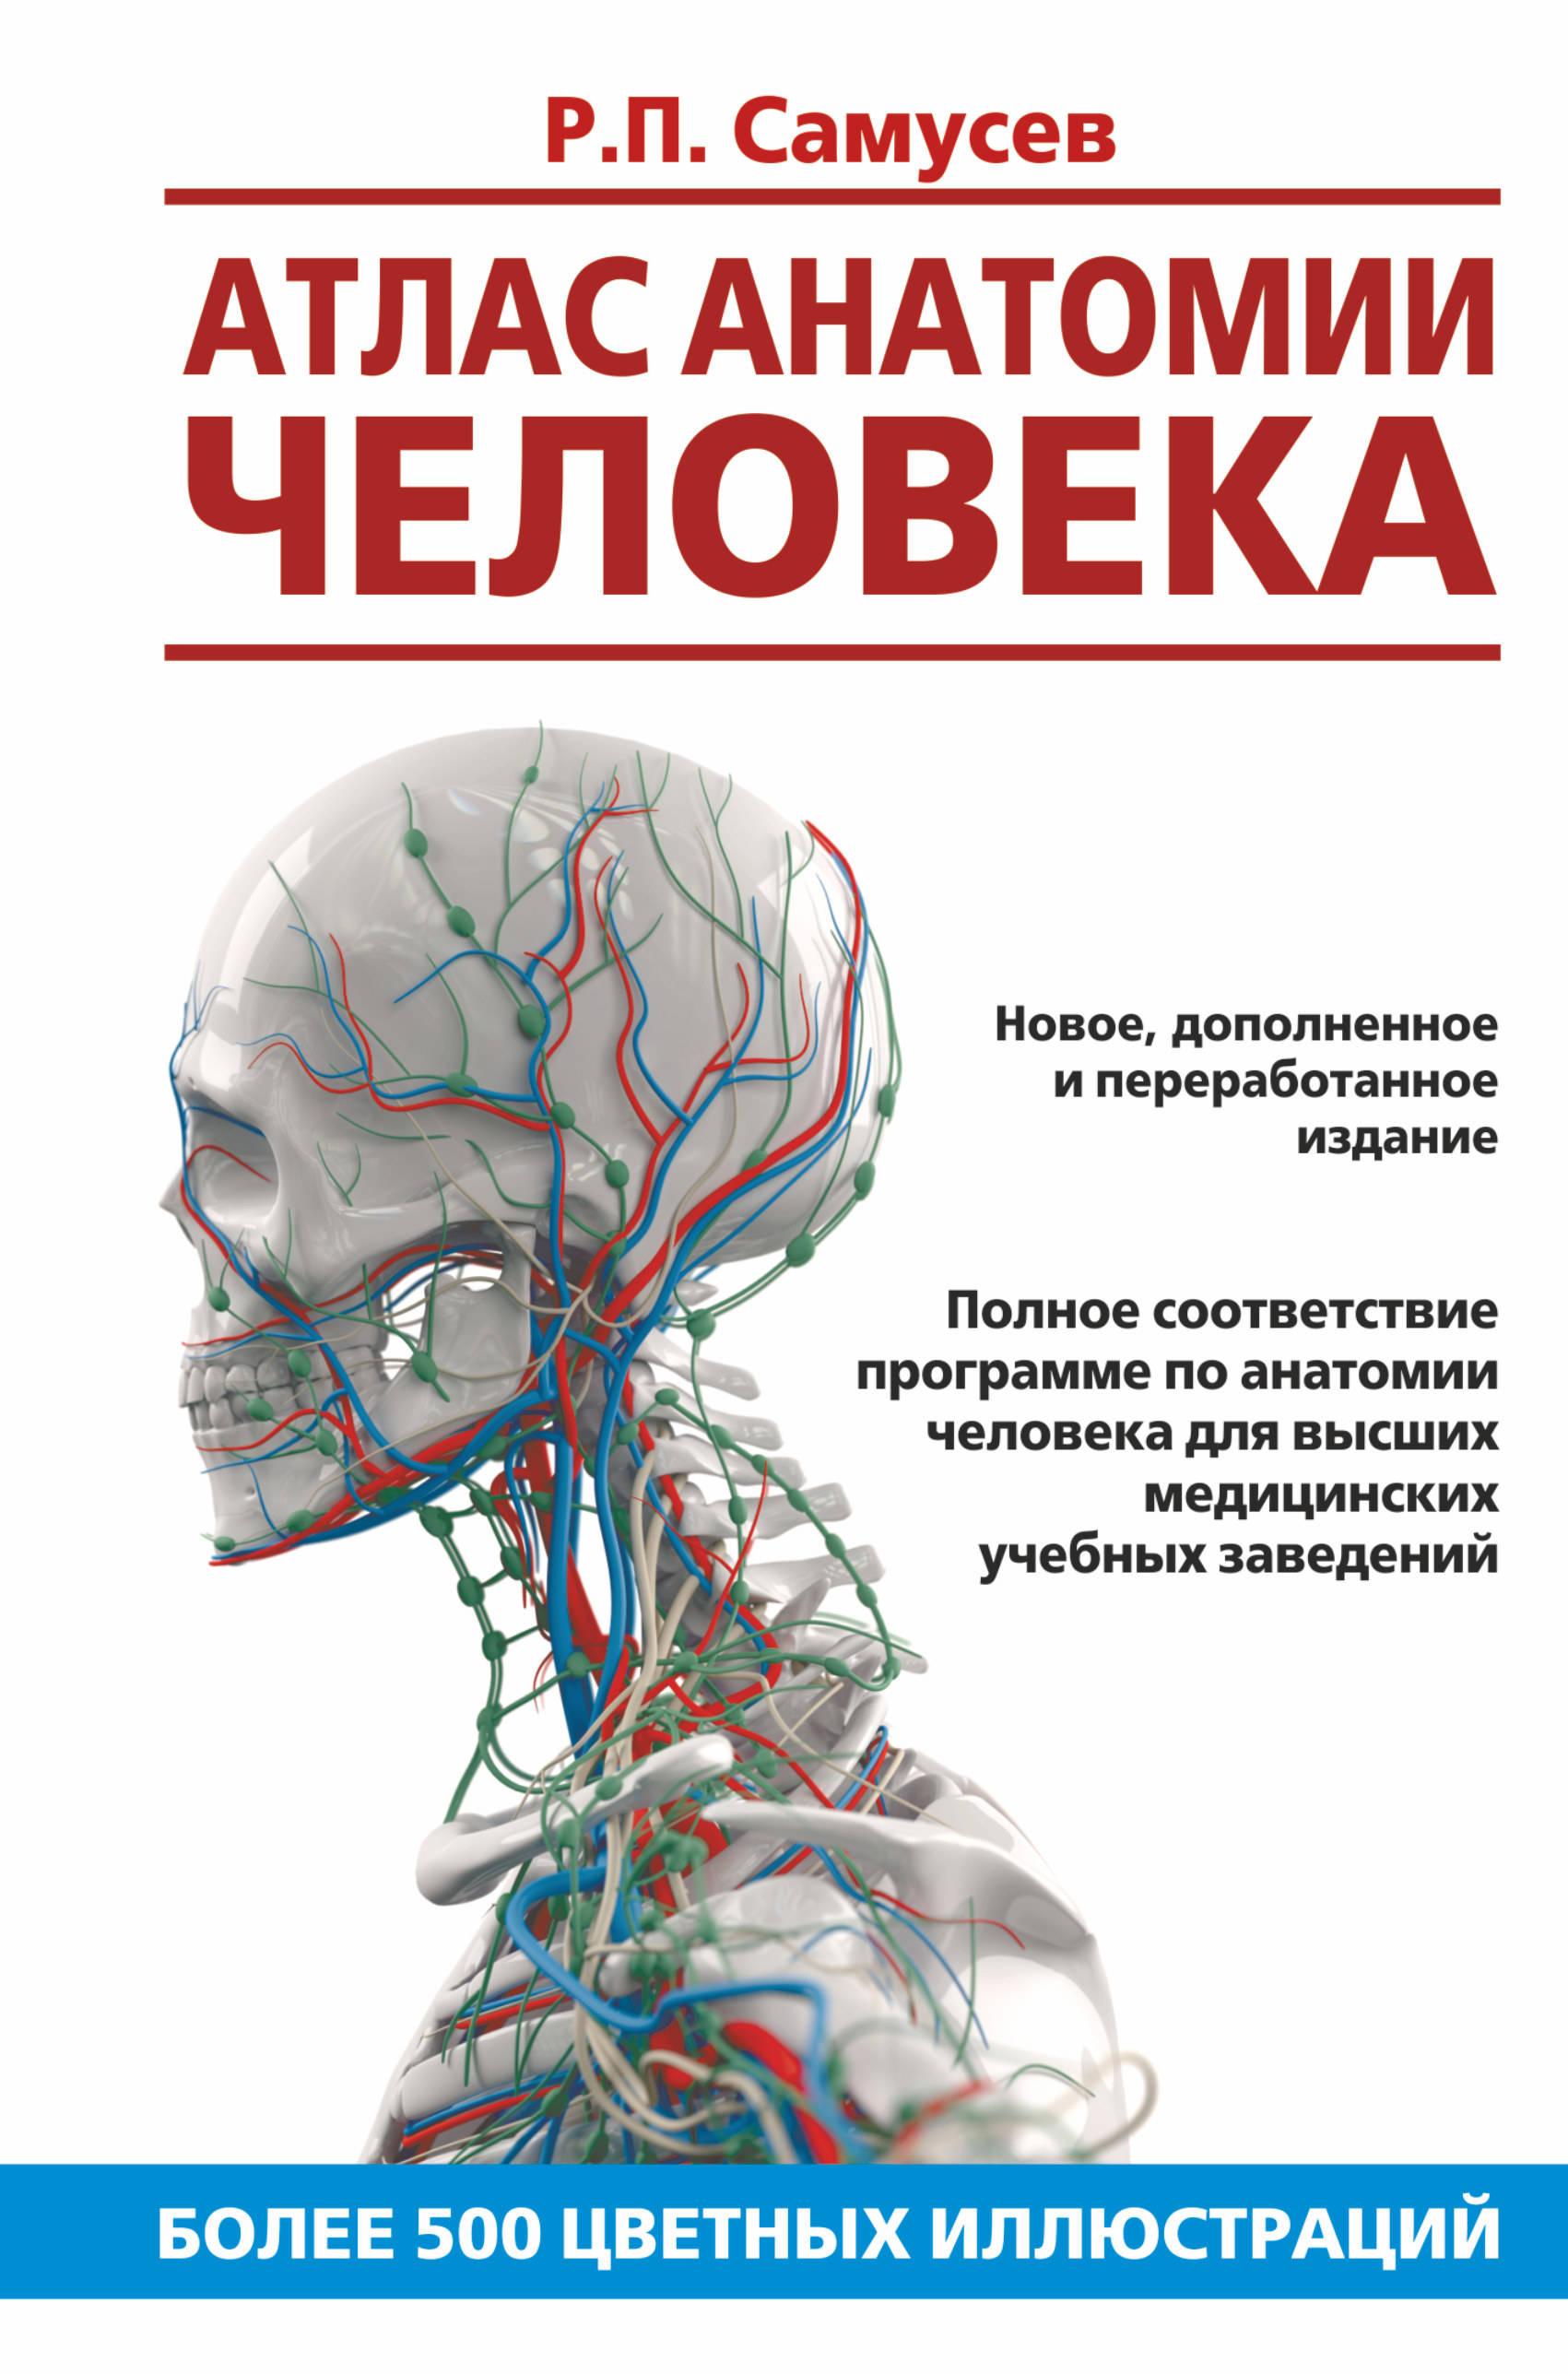 Атлас анатомии человека: Учебное пособие для студентов медицинских вузов